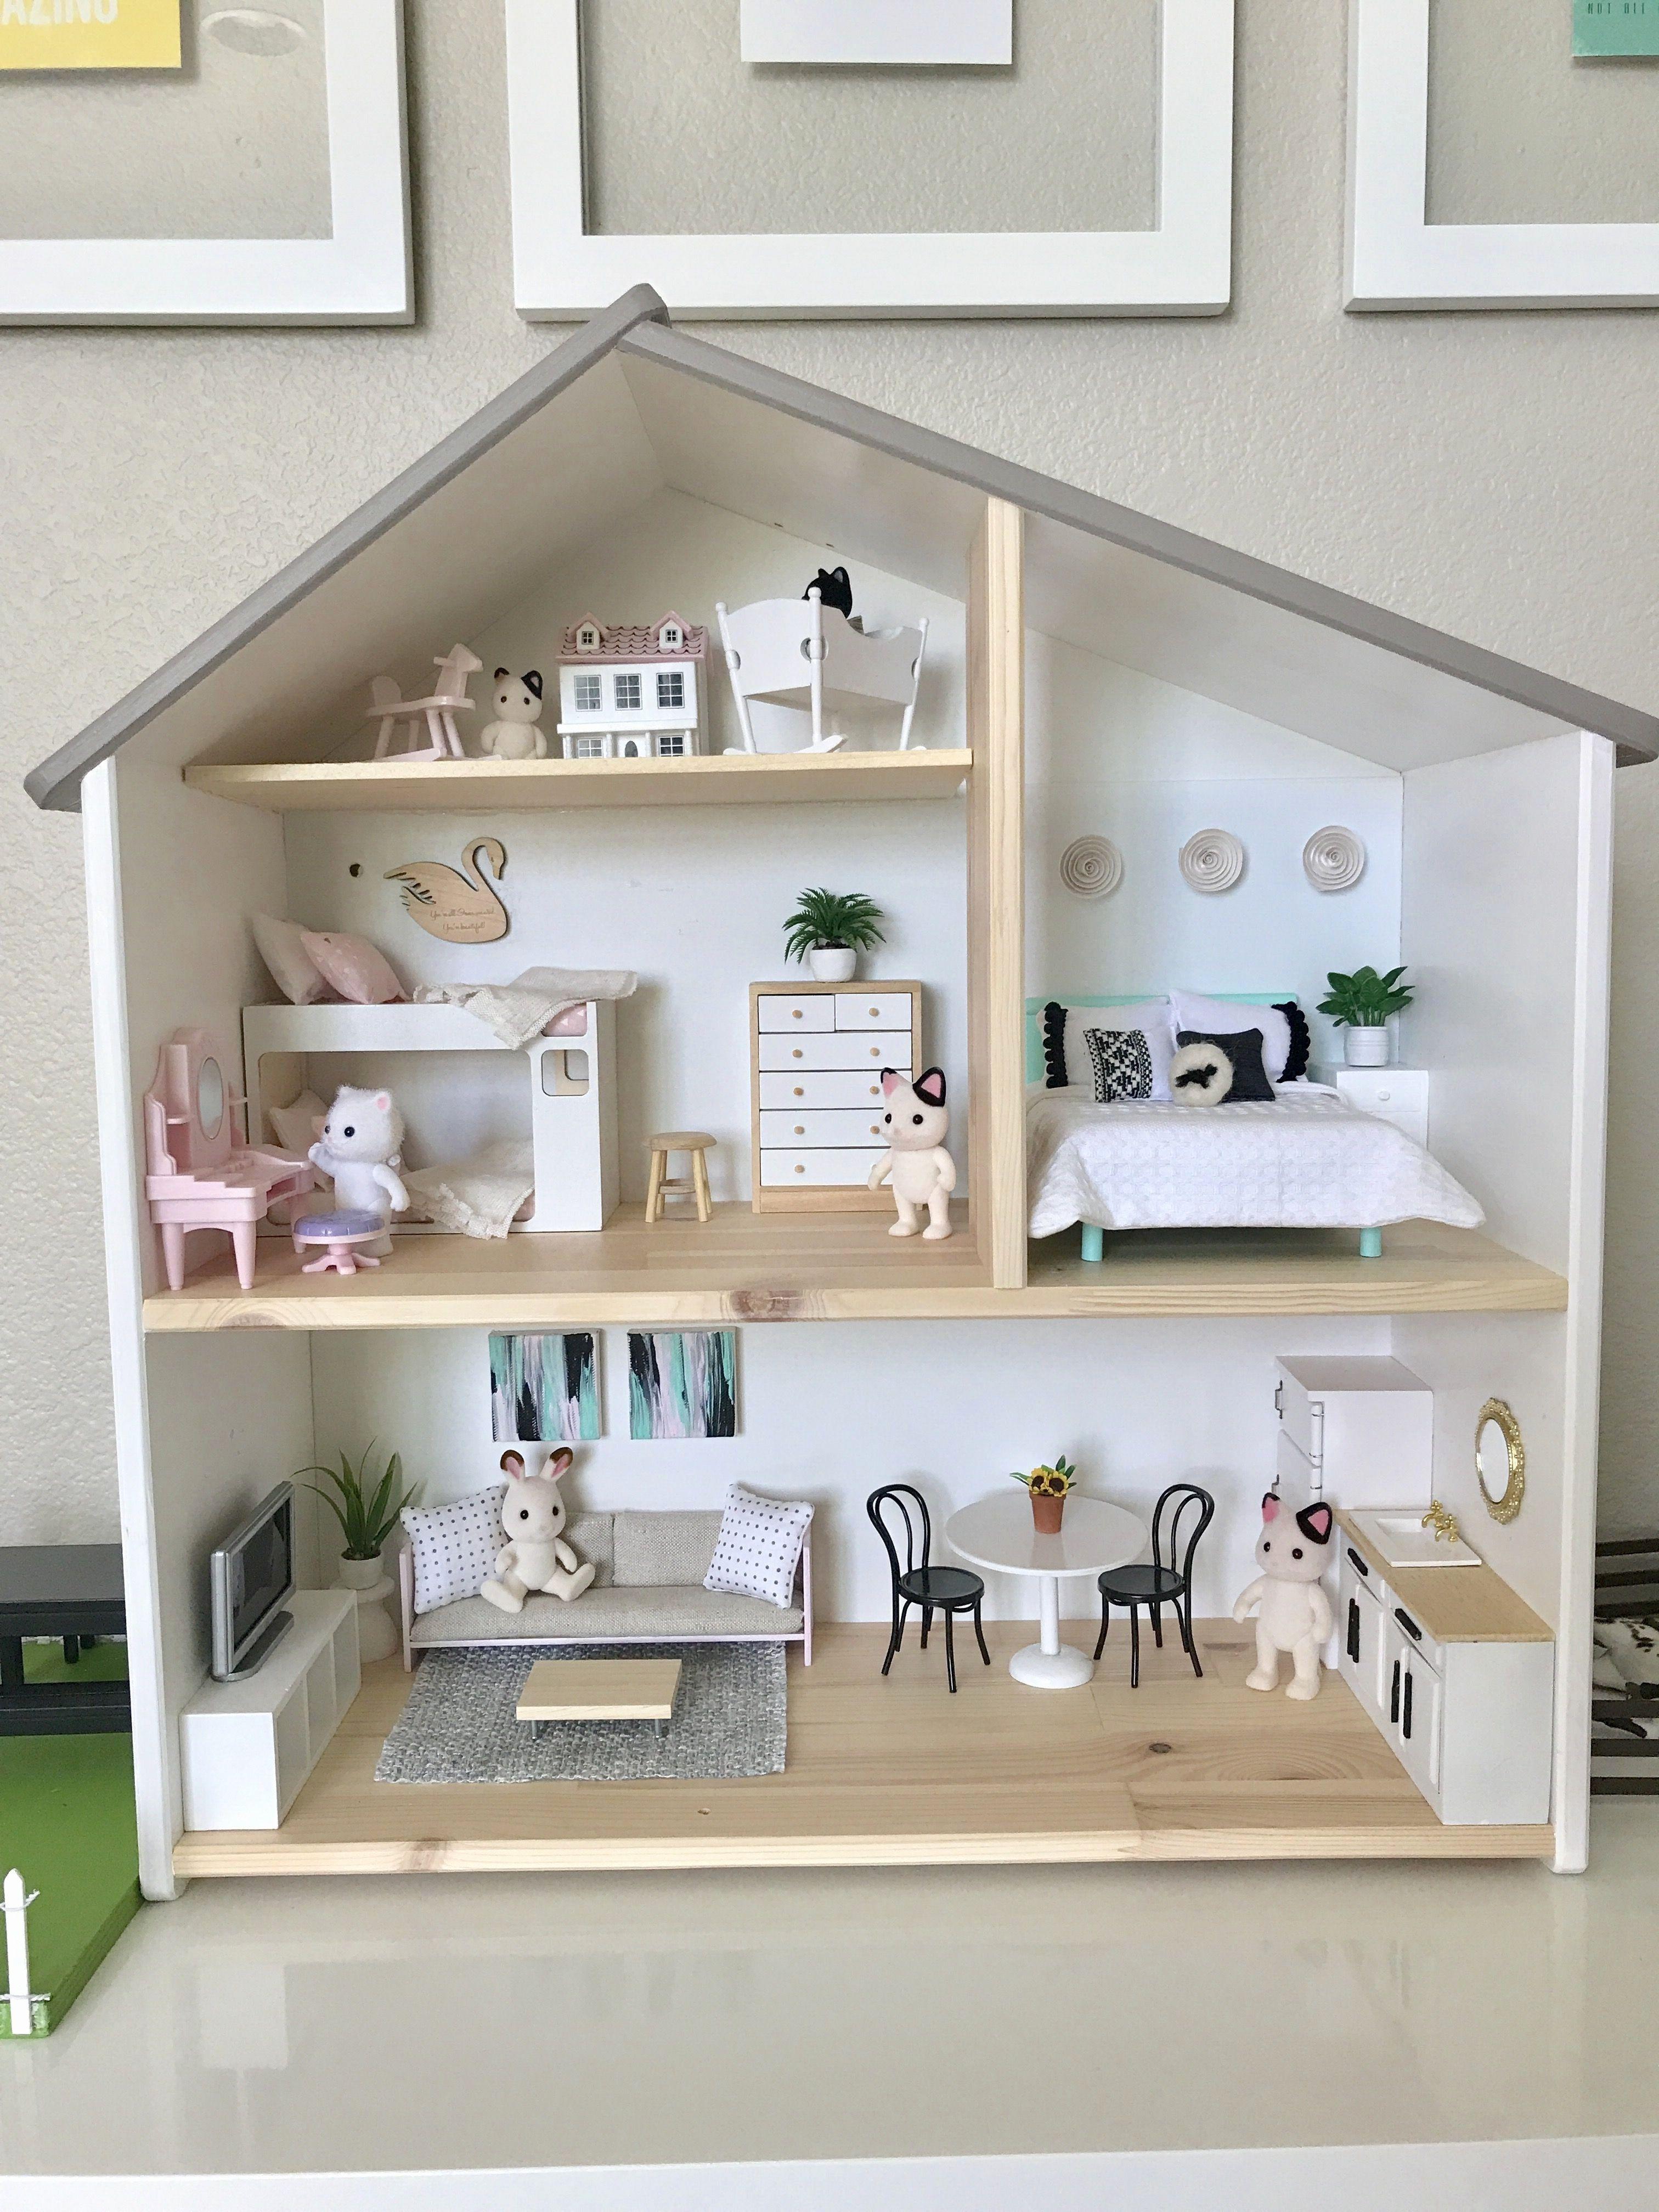 american girl doll house plans astonishing doll house plans s best rh pinterest com